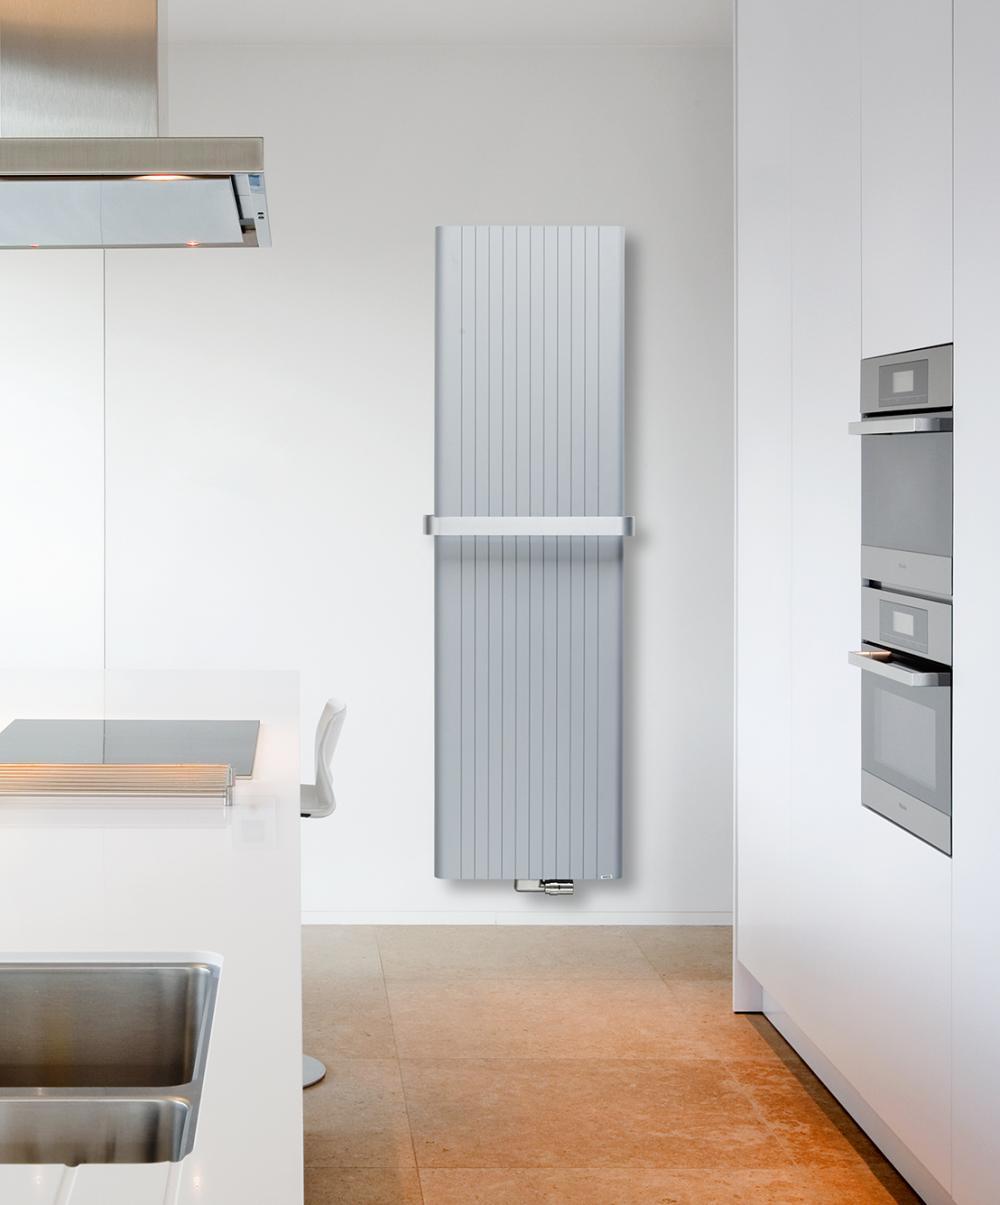 Calorifere decorative aluminiu Vasco Alu-Zen 2000x525 mm, 2046 W